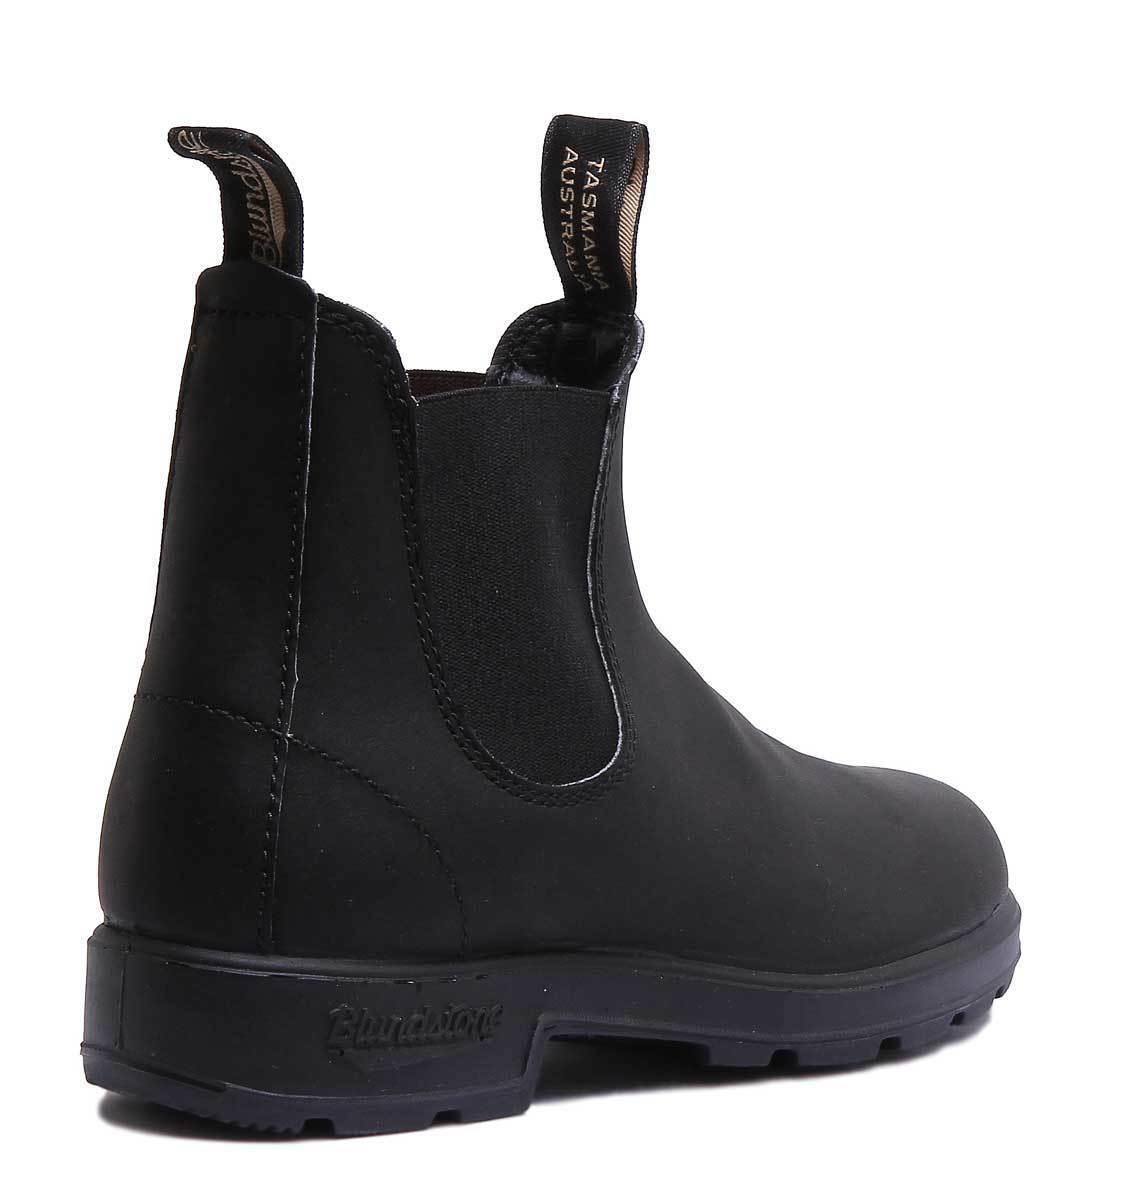 azulndstone al 510 The Original botas al azulndstone tobillo para hombre de cuero negro mate tamaño de Reino Unido 6 - 12 ef7668